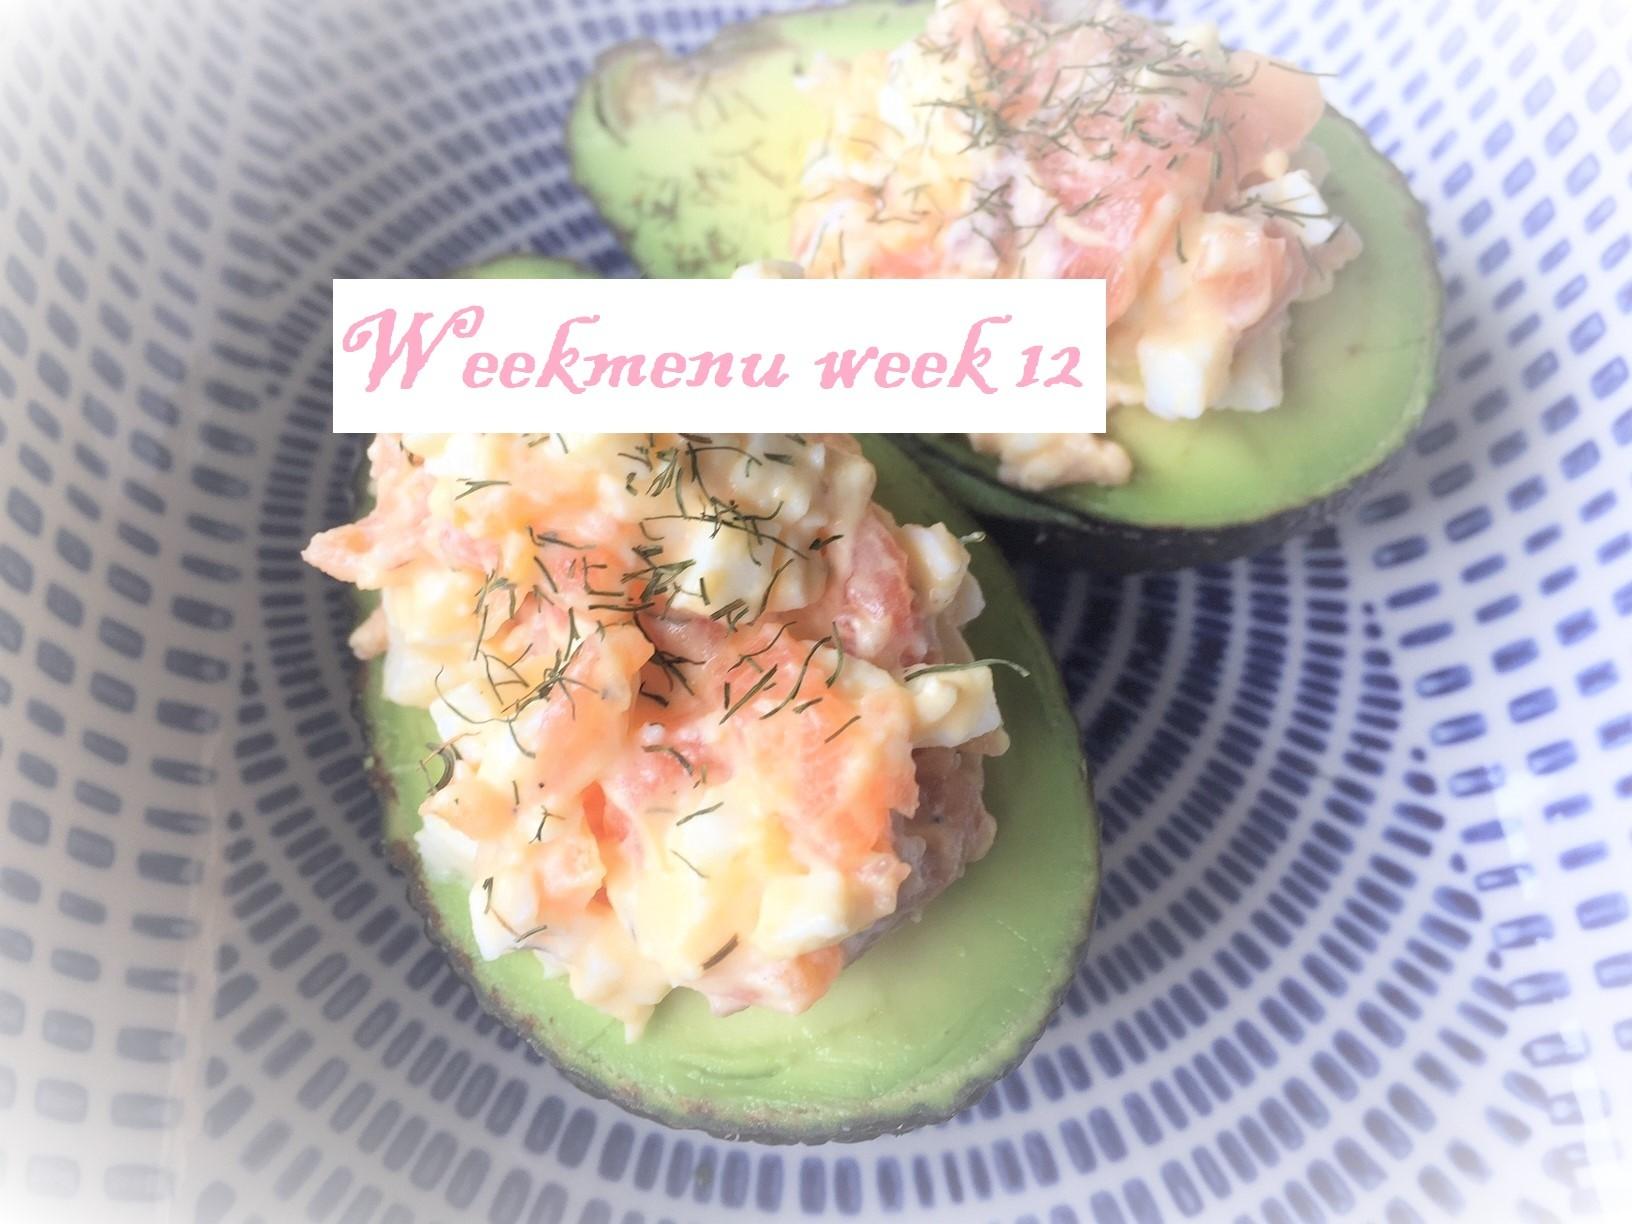 Gevarieerd en makkelijk weekmenu week 13 met gevulde avocado met eiersalade met zalm recept van foodblog Foodinista